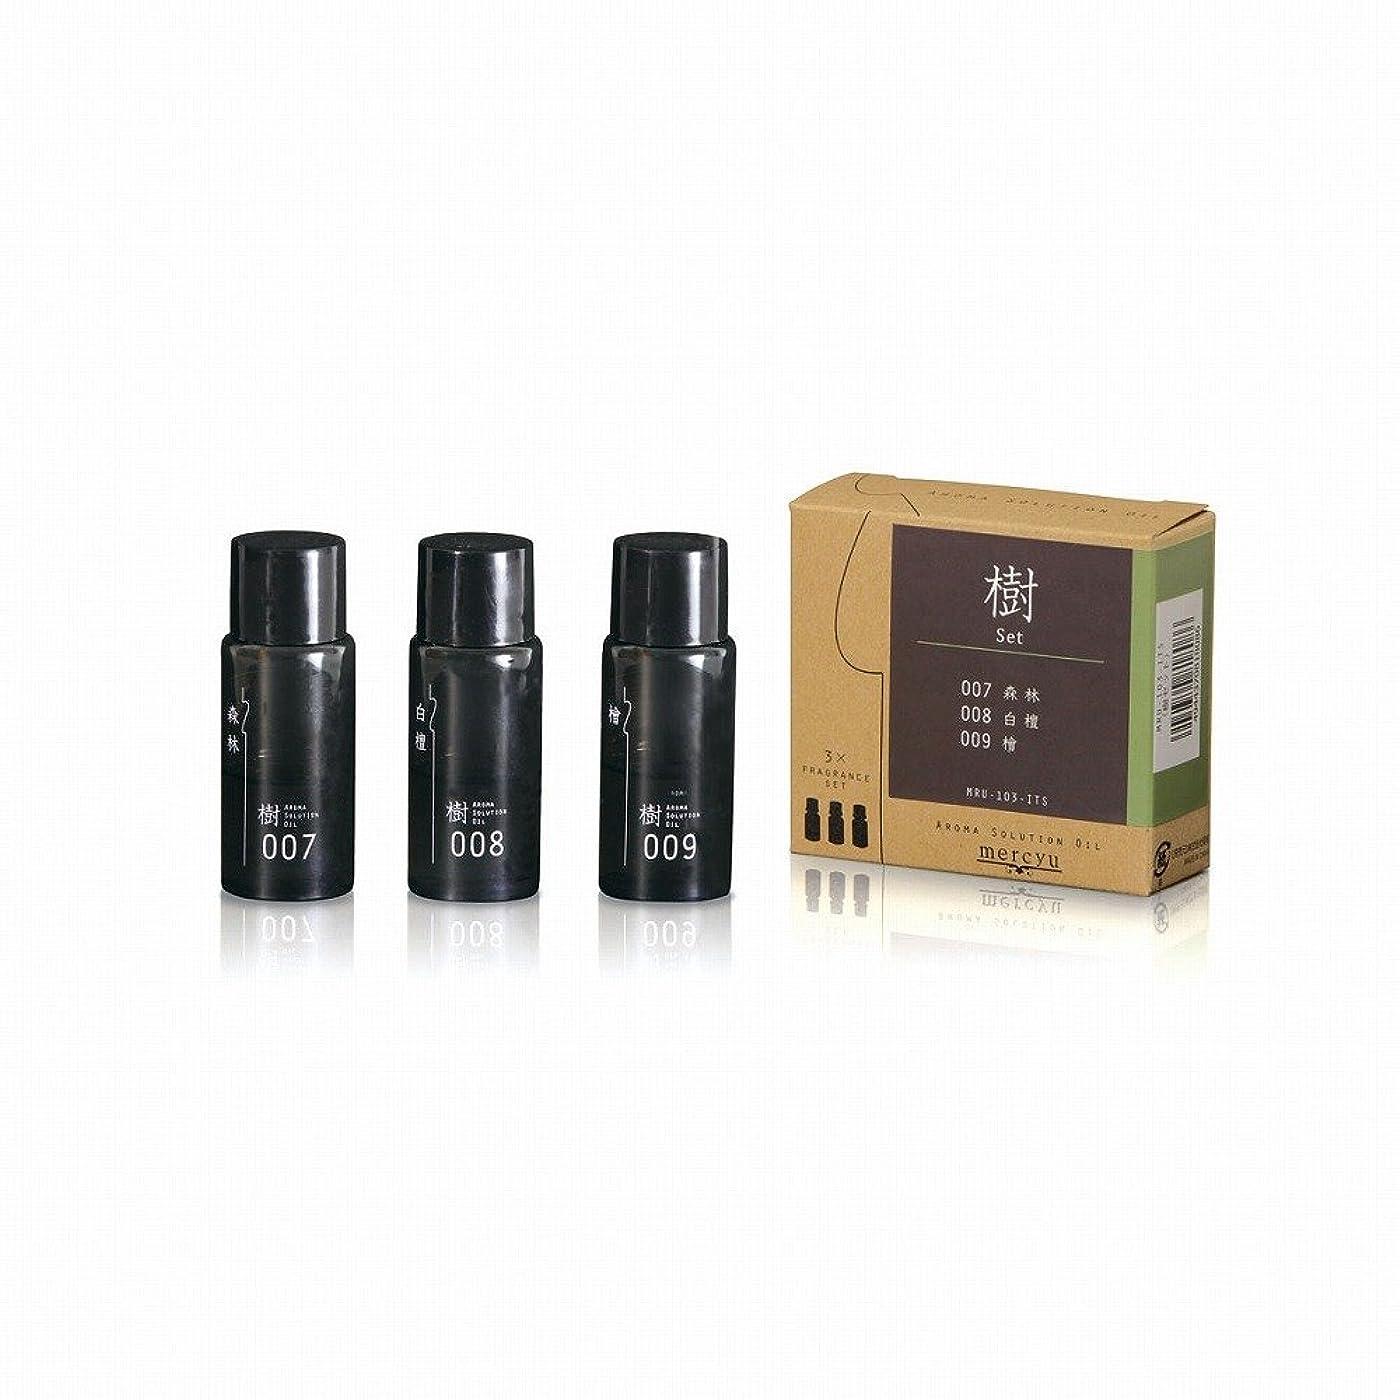 ホップ採用払い戻しmercyu(メルシーユー) アロマソリューションオイル 和の香り MRU-103 (樹)